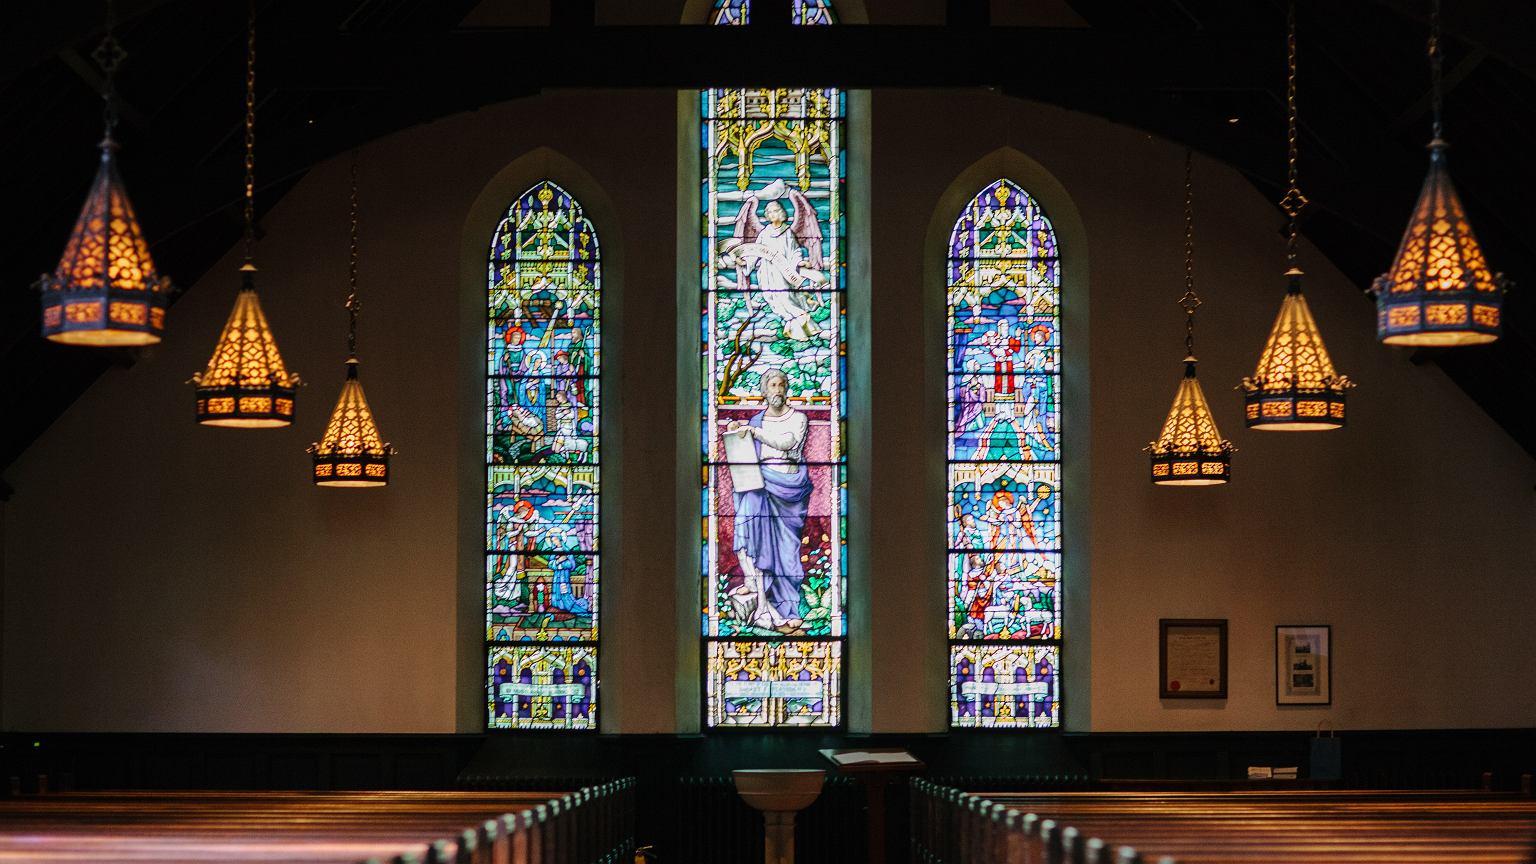 Gdzie oglądać mszę świętą w TV i internecie? [Program telewizyjny i linki do transmisji]